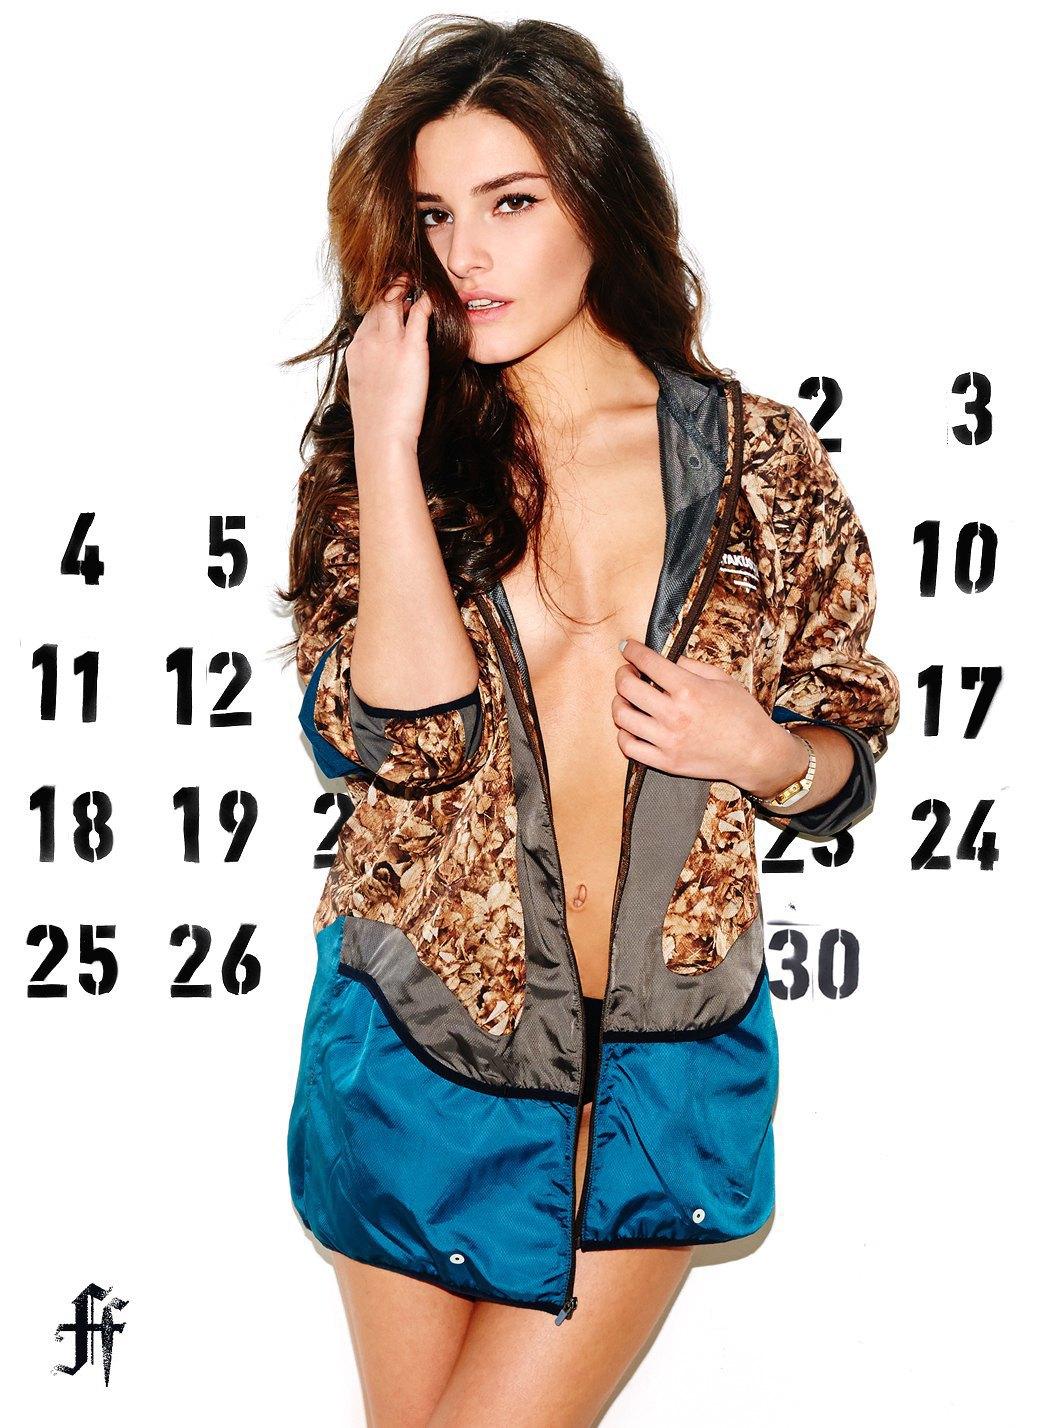 Календарь FURFUR на 2013 год: Ноябрь. Изображение № 1.